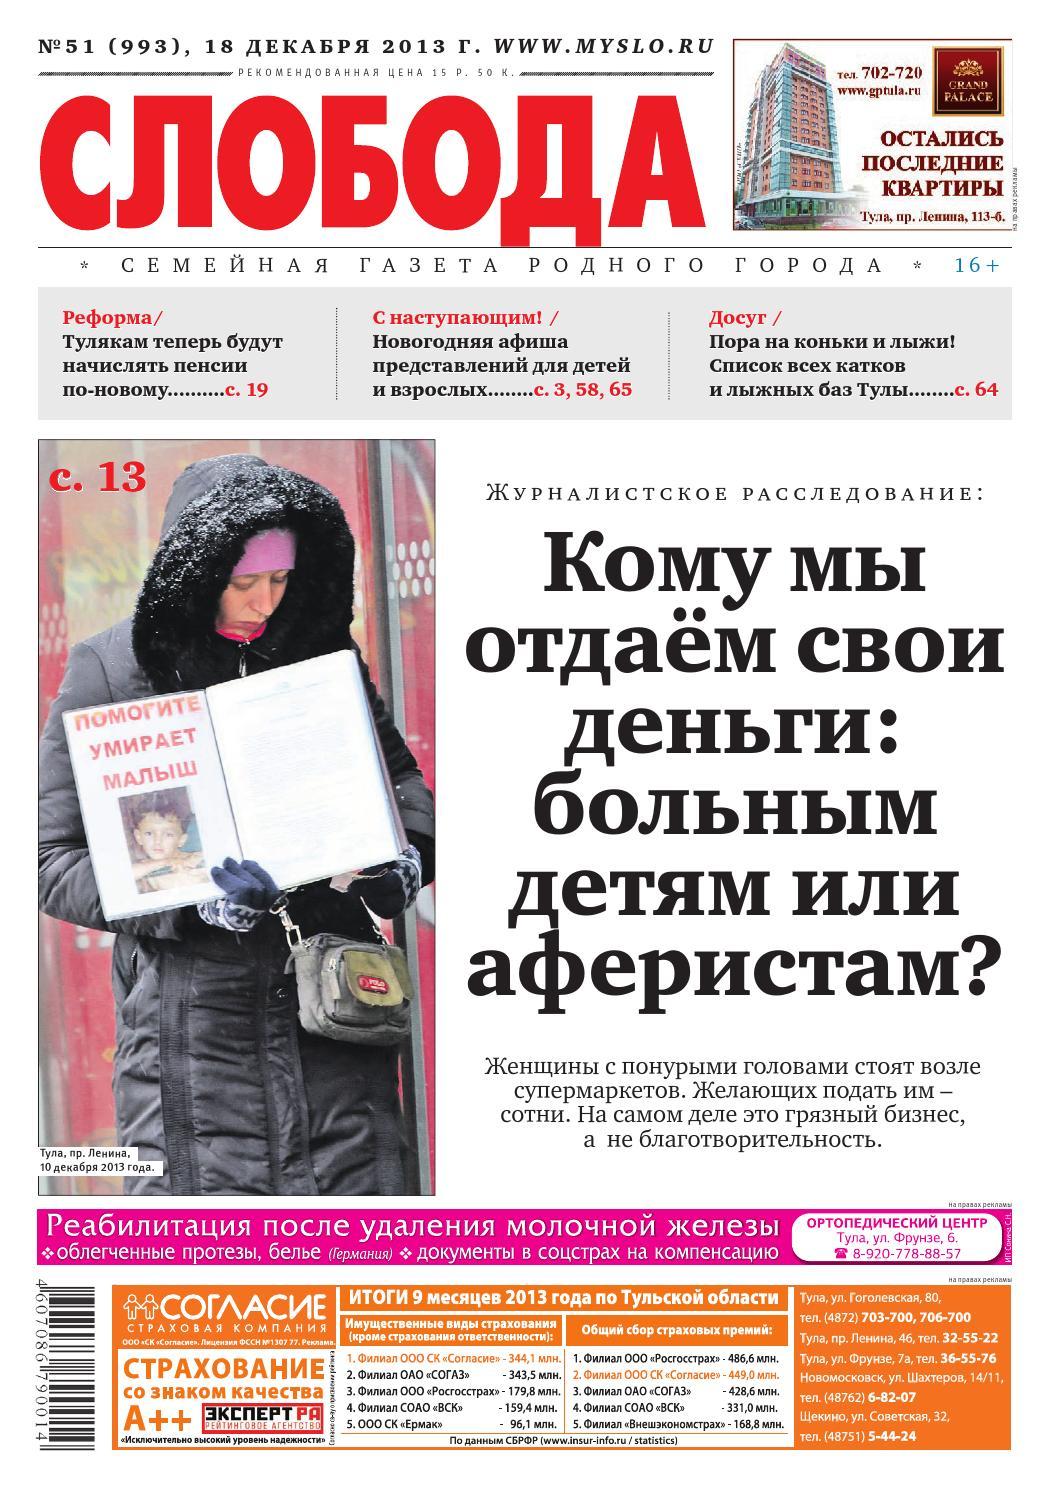 Встречусь для секса с женщиной25 33 года в белорусии г глубокое